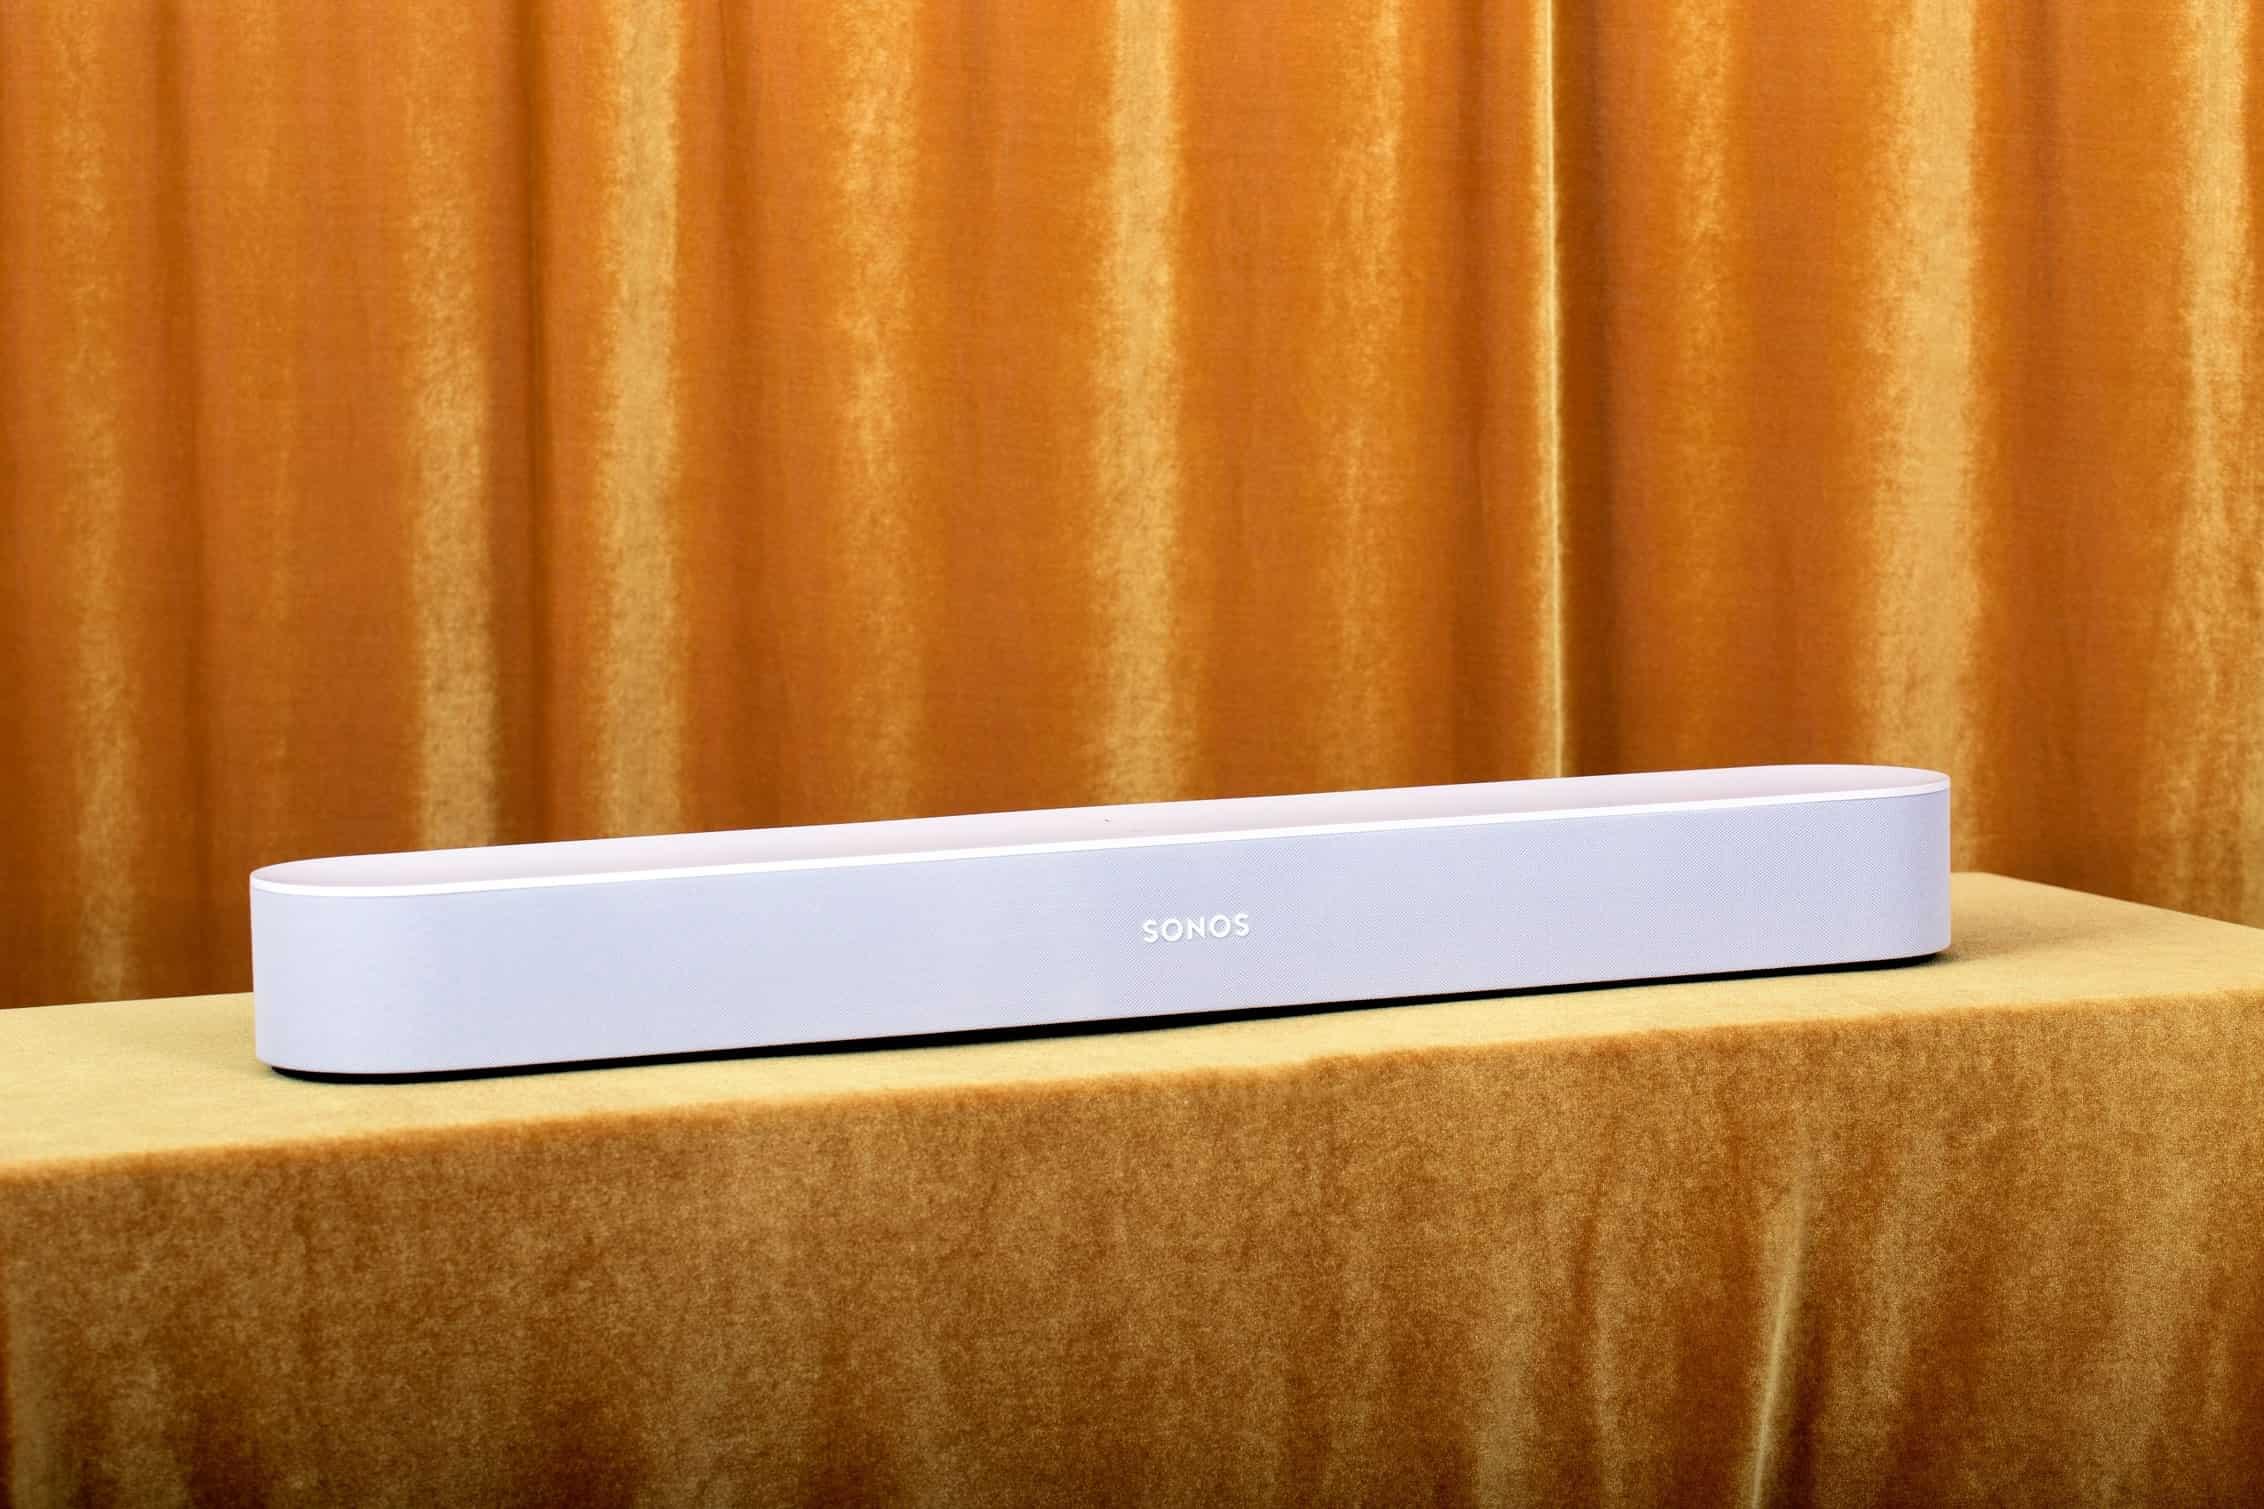 Sonos rachète une startup spécialisée dans les assistants numériques vocaux